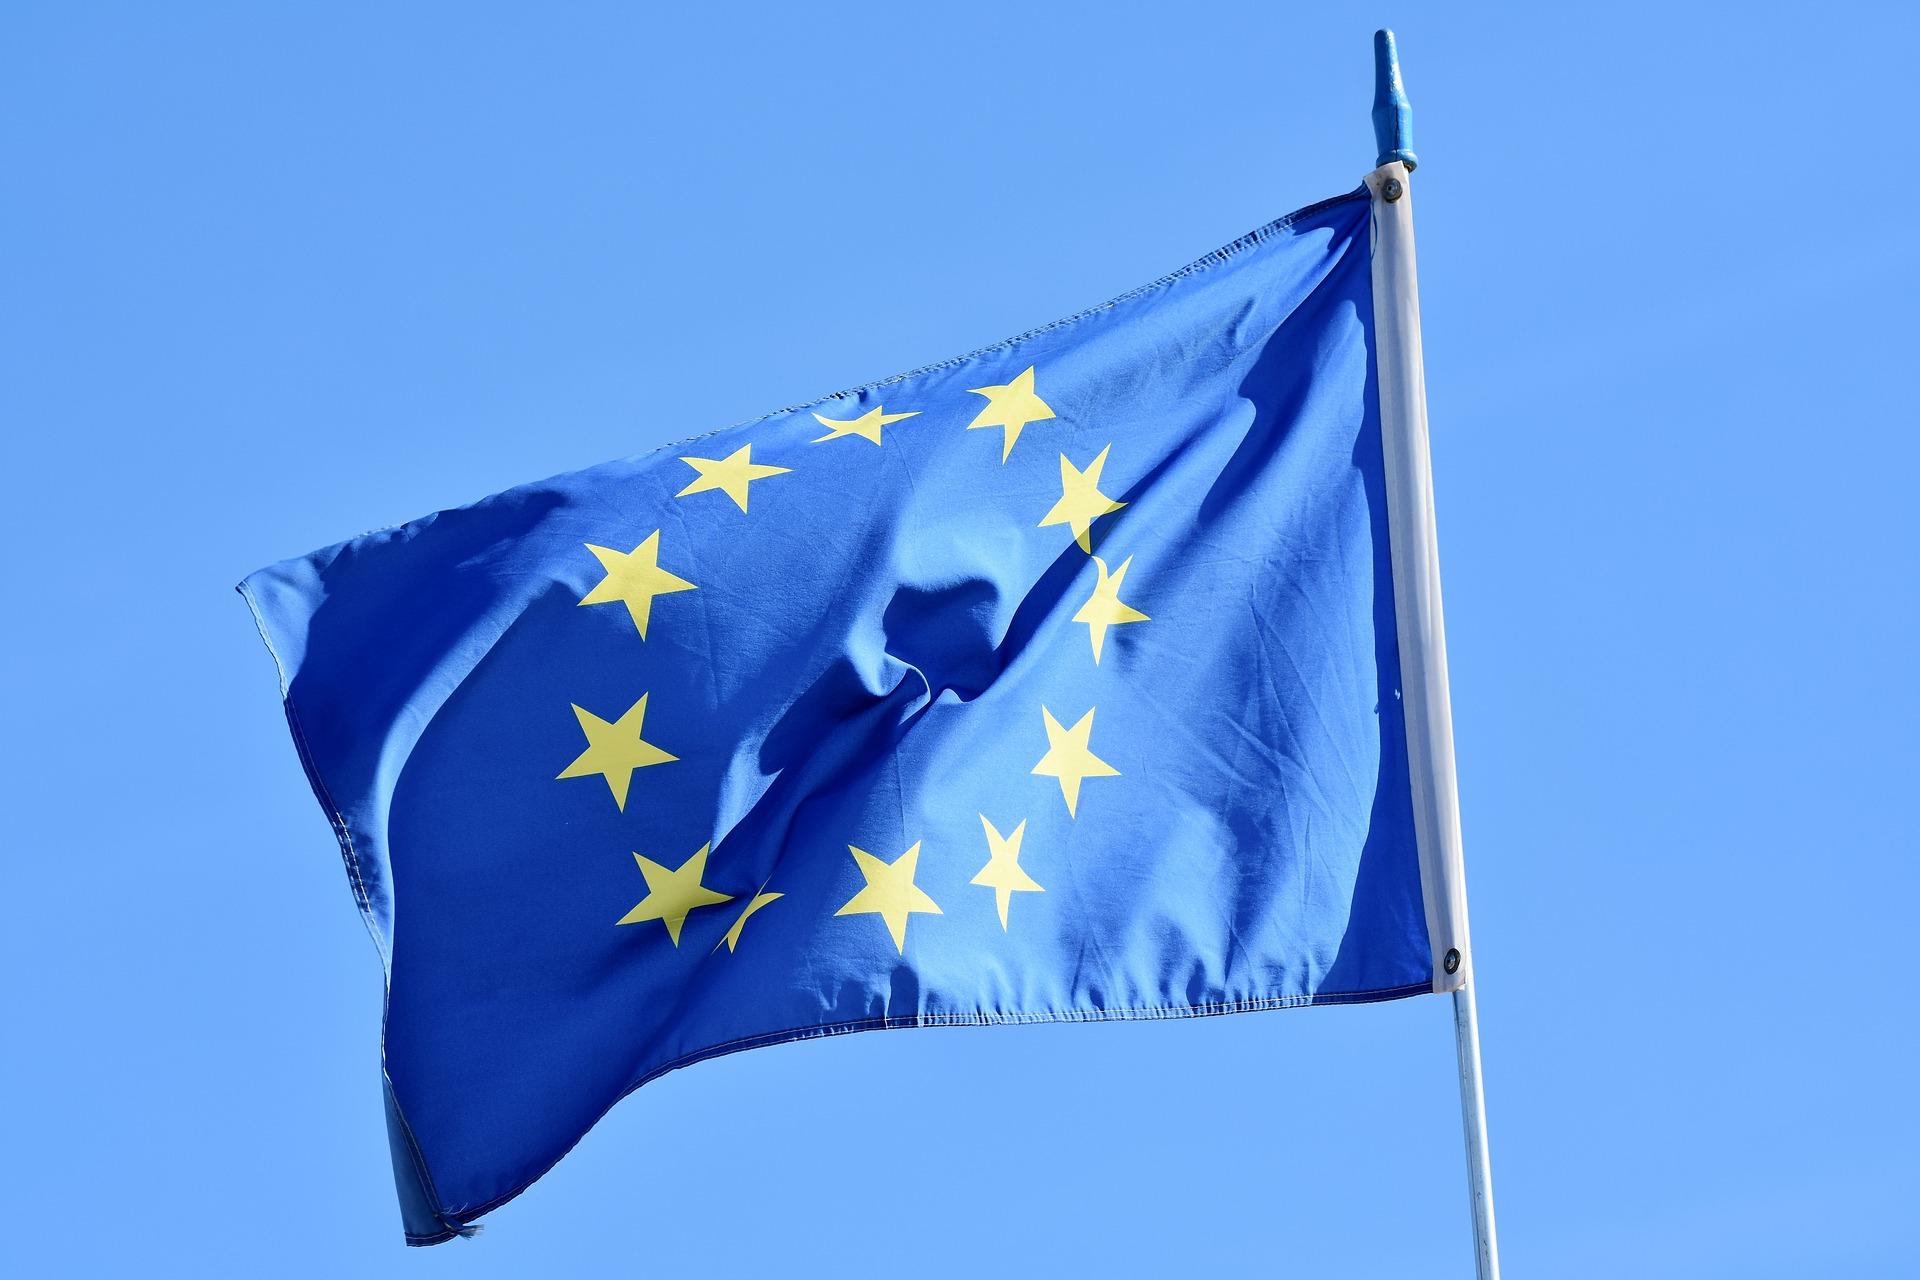 EU vlajka, evropská unie, evropa